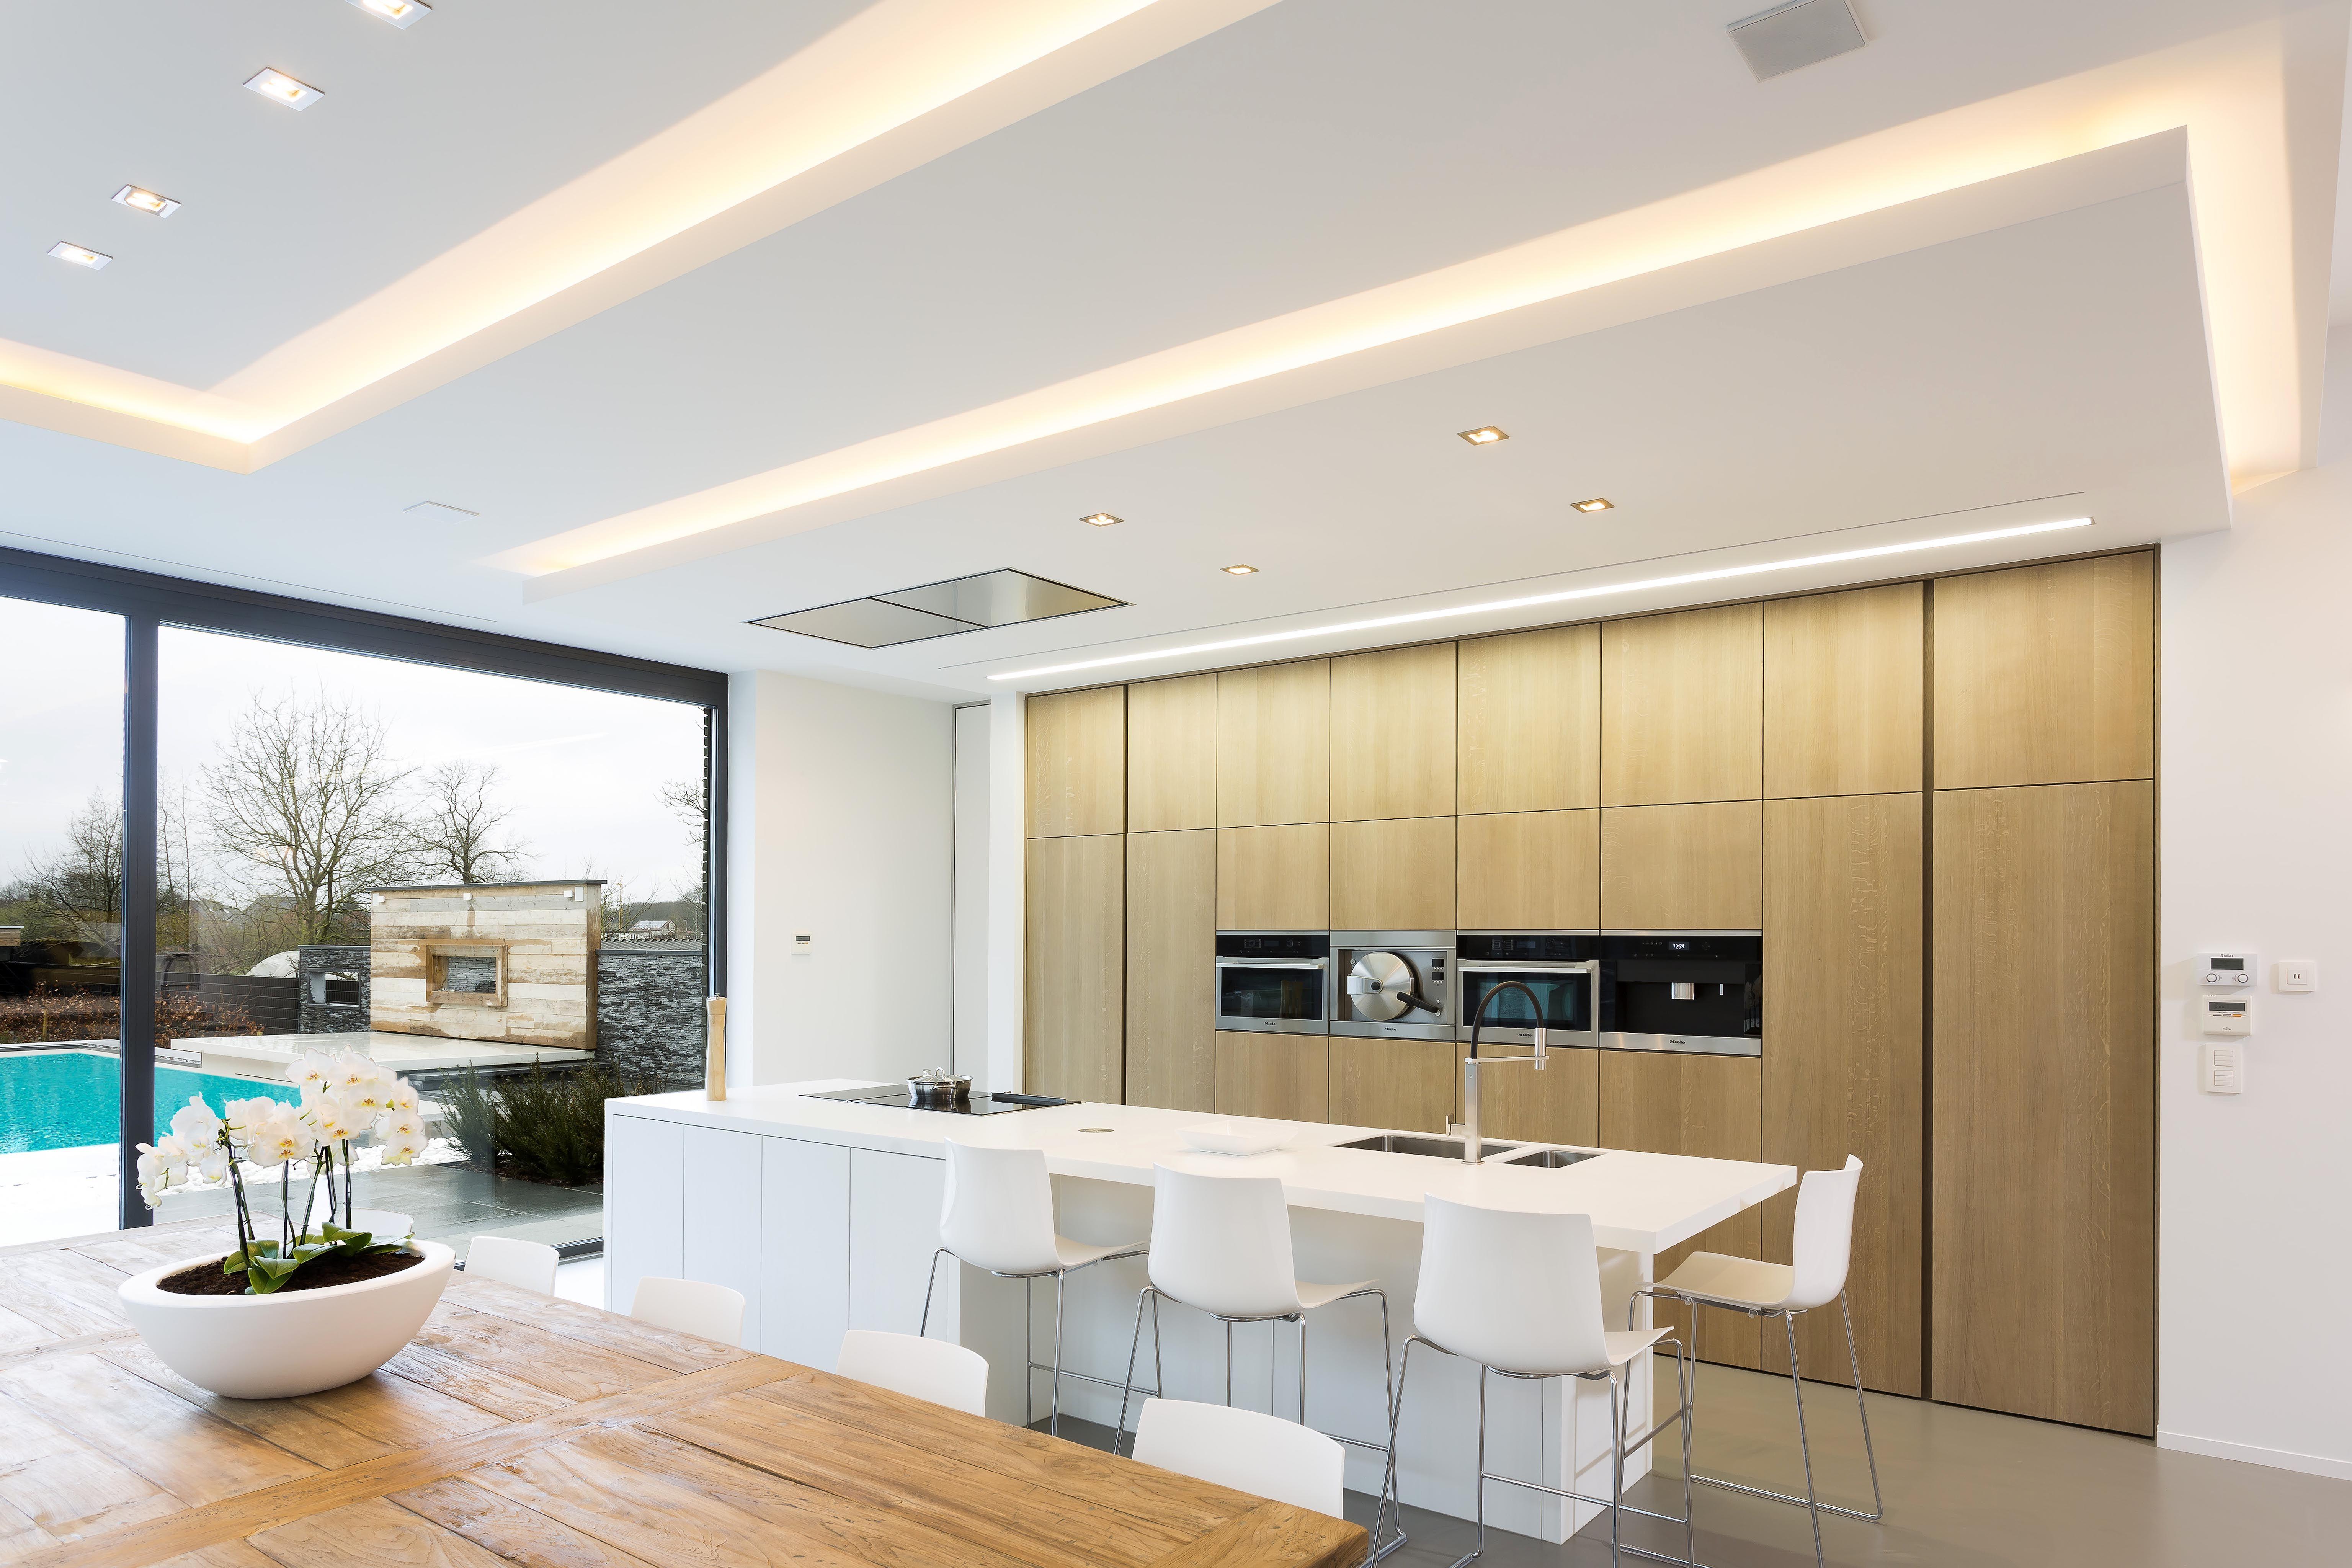 Franssen Keukens Design : Keuken franssen franssen keukens startpagina facebook